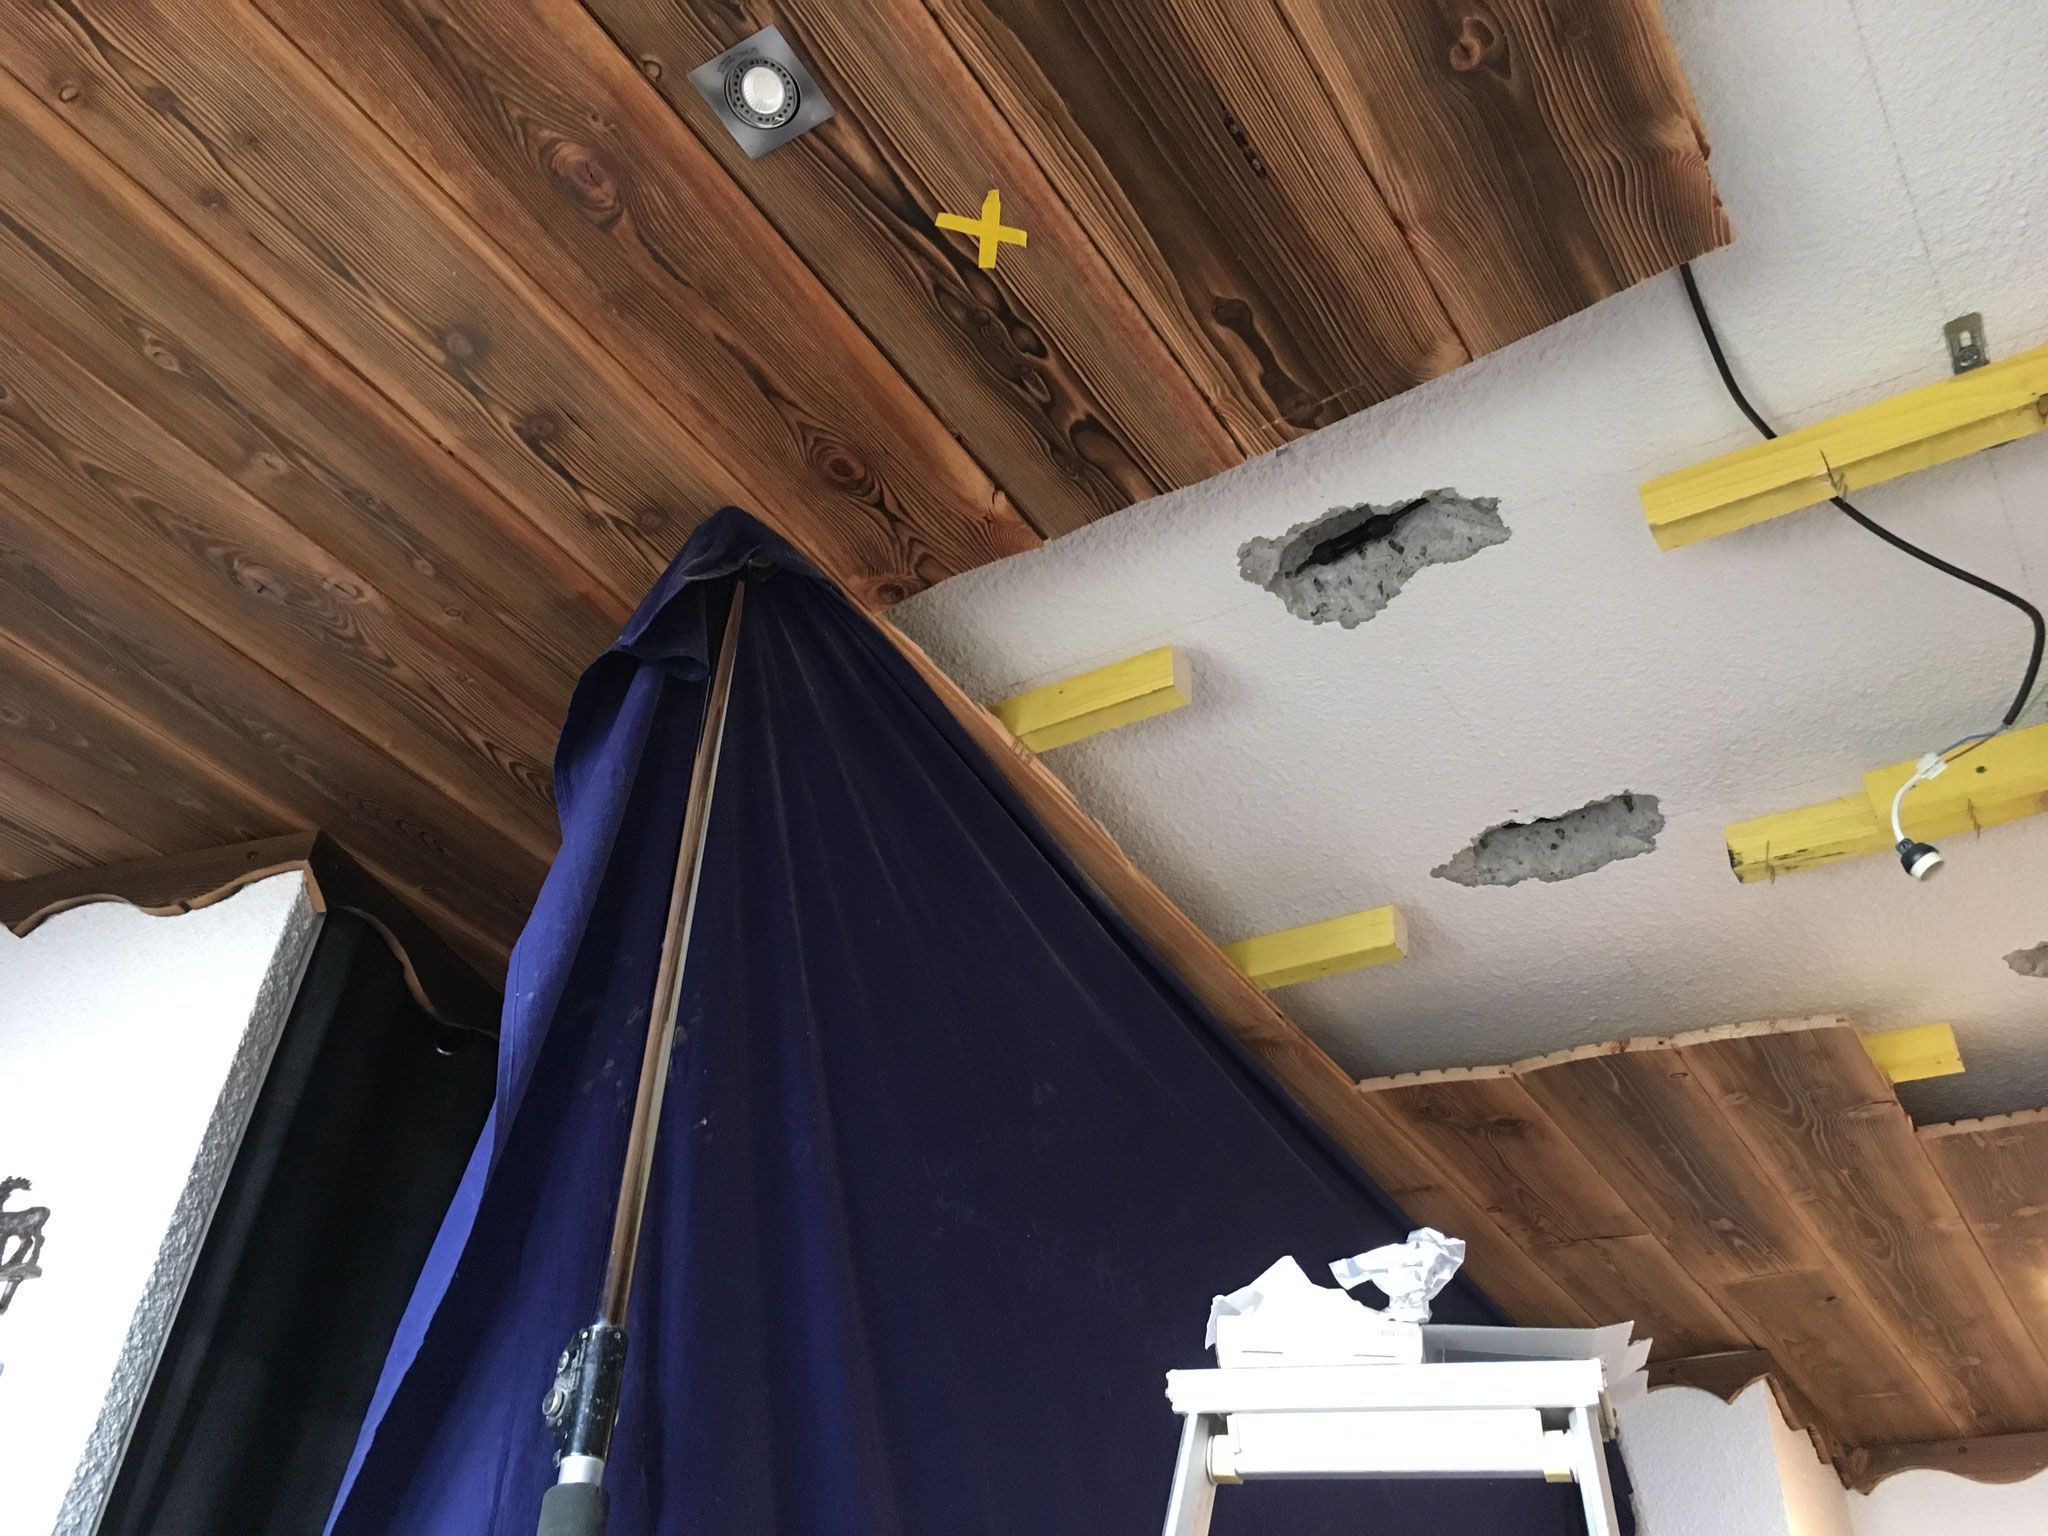 Réparation d'un défaut localisé sous faux plafond